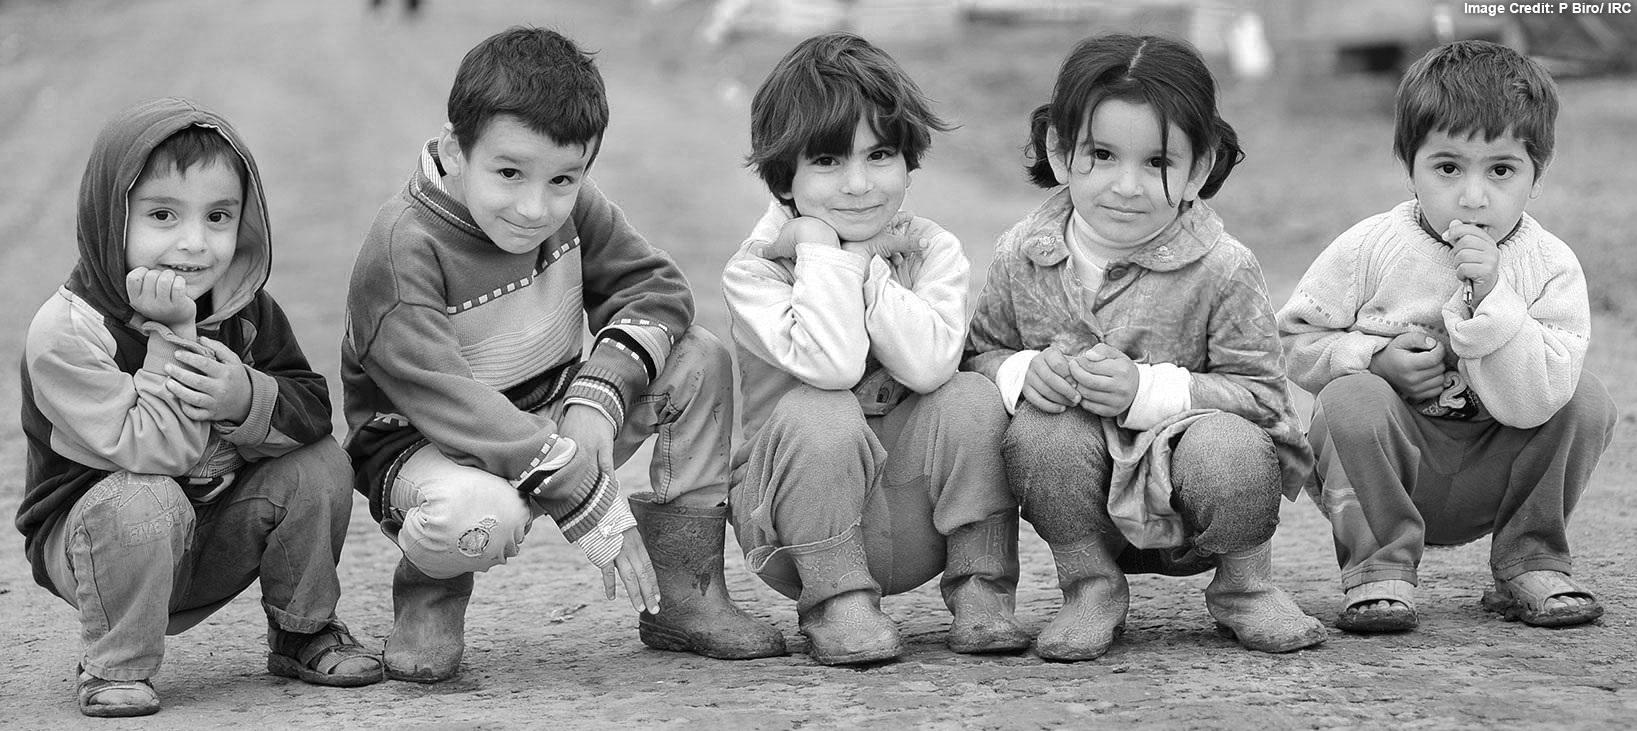 Children_refugees.jpg